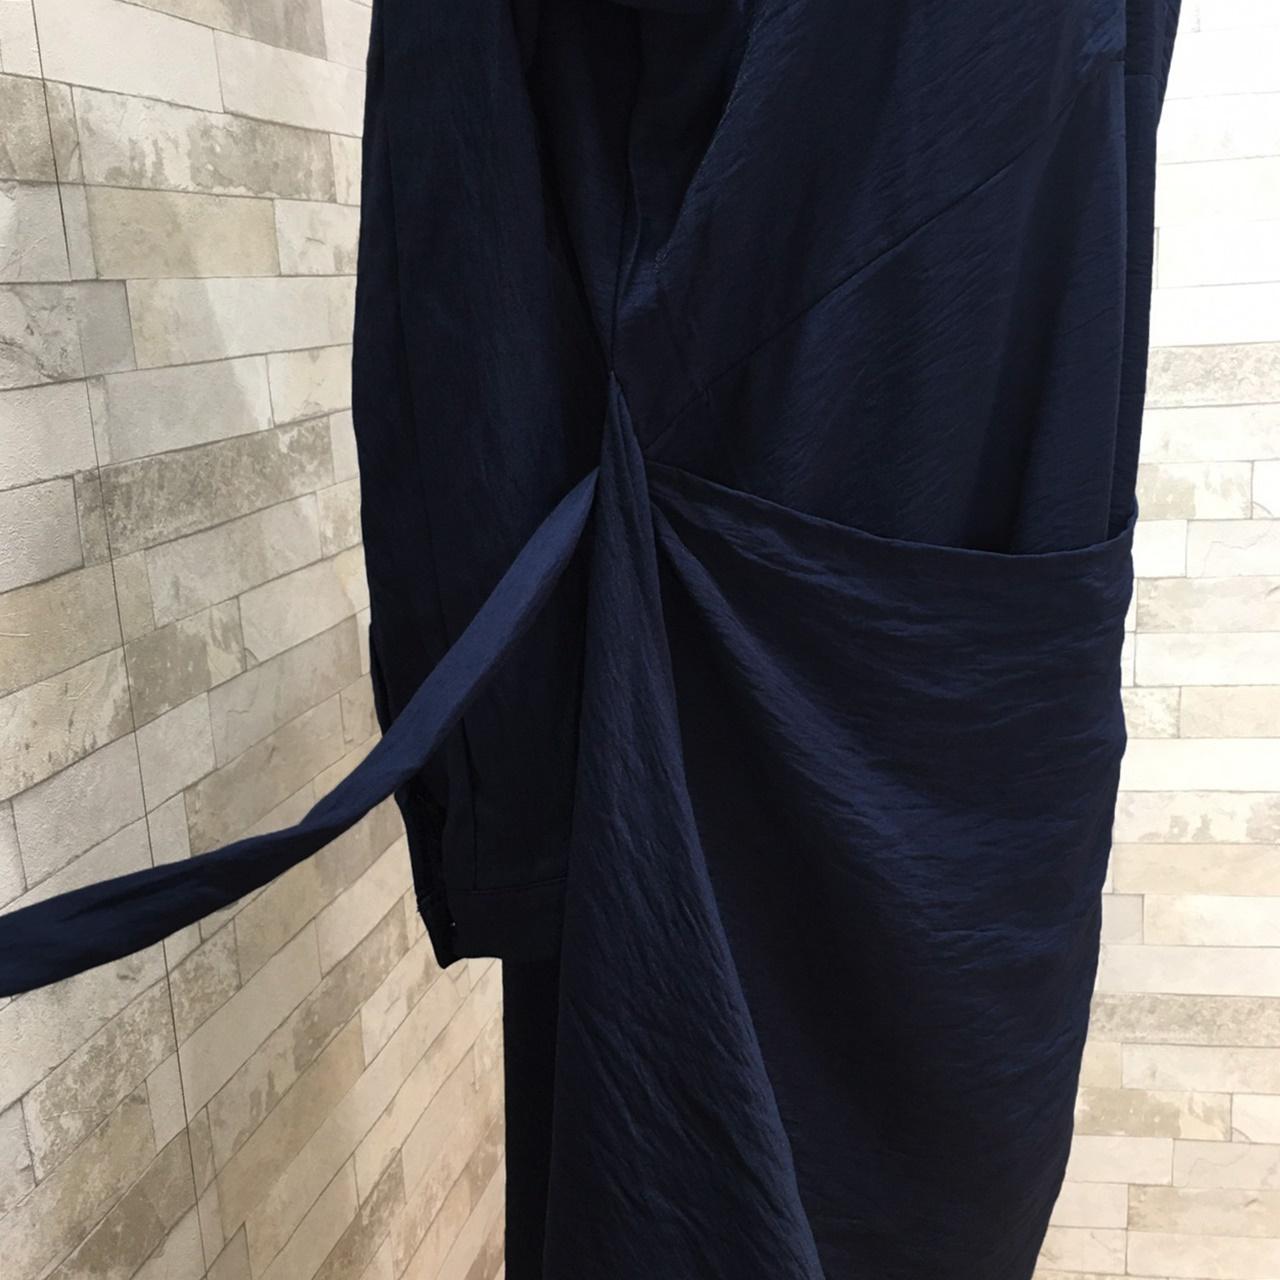 韓国 ファッション ワンピース 春 秋 冬 カジュアル PTXH836  カシュクール 襟付き ウエストマーク オフィス オルチャン シンプル 定番 セレカジの写真16枚目